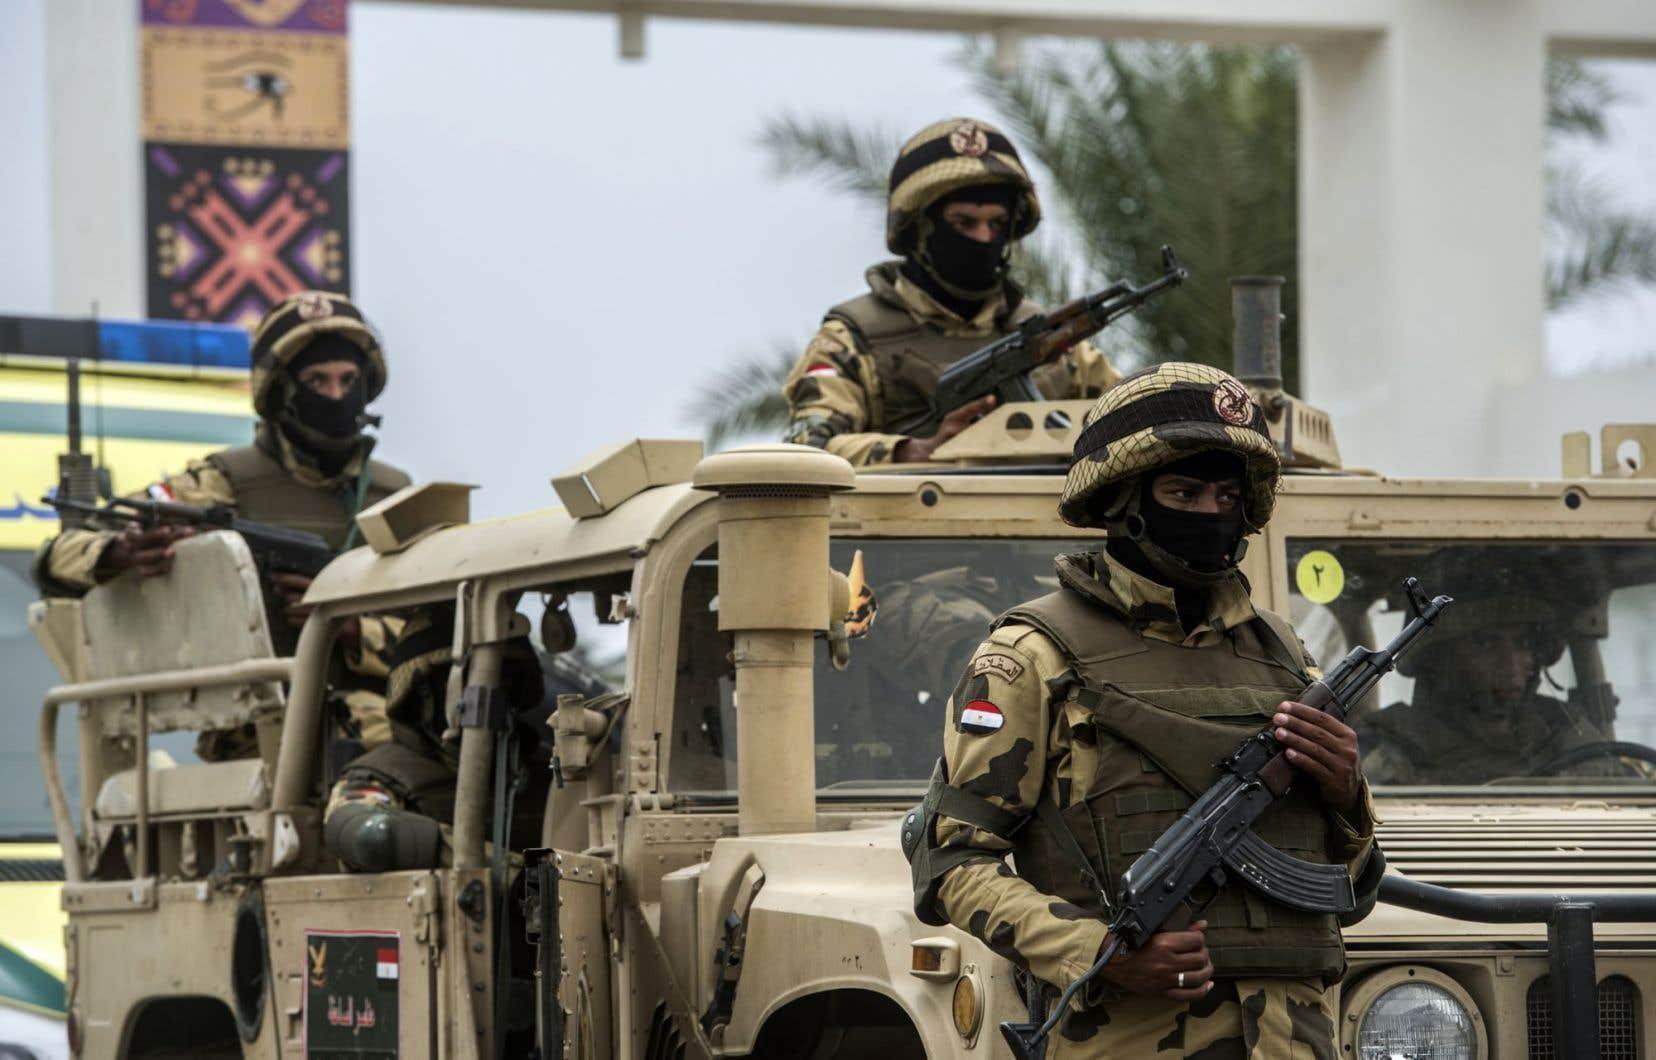 L'armée égyptienne a renforcé ses opérations à la frontière libyenne, disant régulièrement craindre l'entrée de combattants armés pour commettre des attaques.